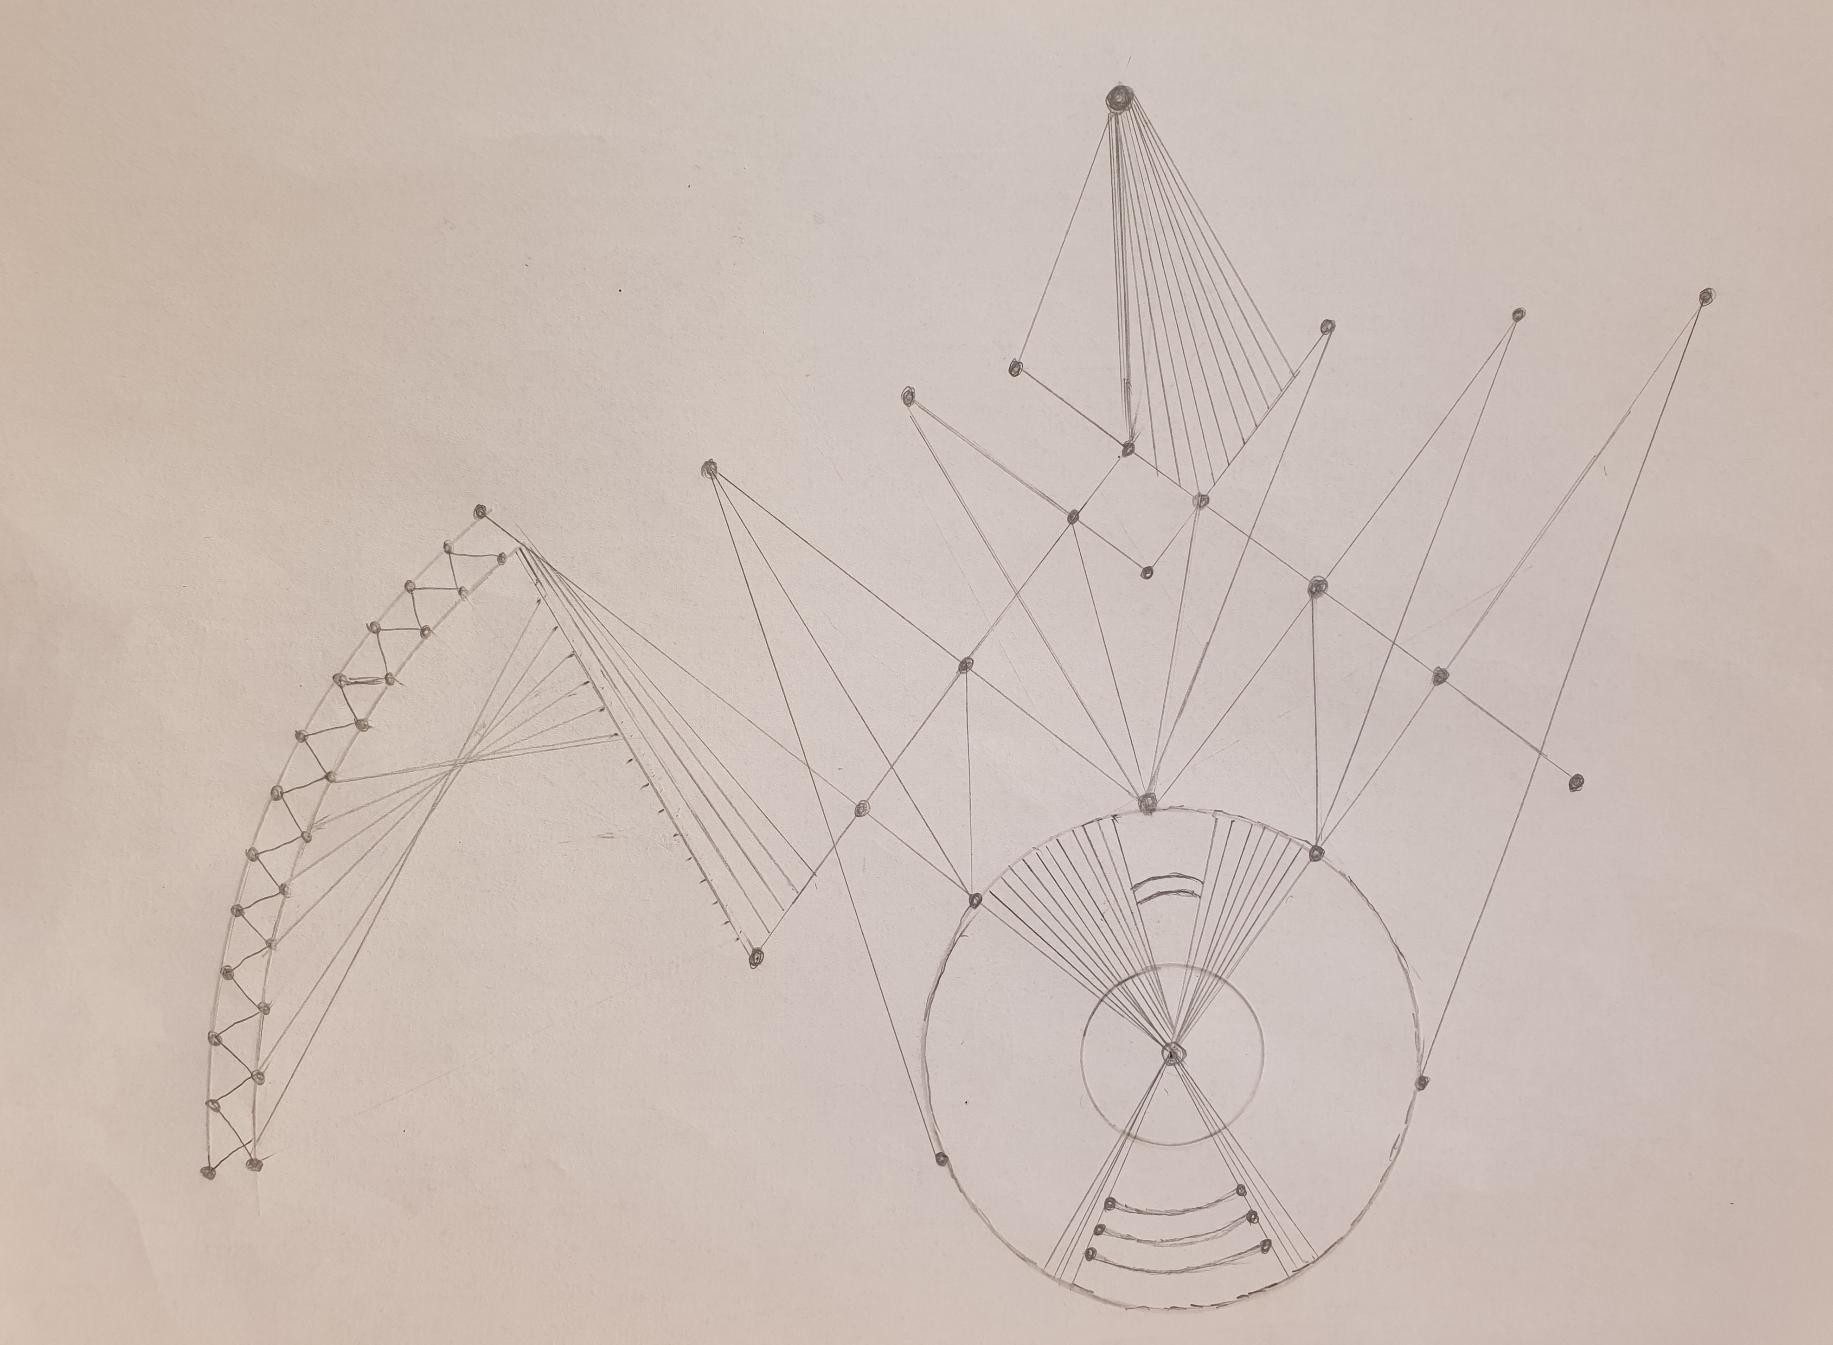 """[url=https://gradini-fractale-geometrice.webnode.ro/_files/200000067-9c87d9c87f/1-67.jpg]Fractal unic desenat de mine, pornit de la un punct, generand un patrulater  final cat si iluzia piramidei care duce la supersimetrie. Supersimetria  se dovedeste in cele din urma a fi o realitate a Universului nostru, iar  ea trebuie sa nu fie tocmai perfecta. E nevoie ca unele simetrii sa fie  putin """"rupte"""" ca sa folosim limbajul specialistilor. Supersimetria are  legatura cu teoria corzilor, sau asa zisa """"String Theory"""". Pana la urma  supersimetria ar putea exista si fara teoria corzilor. Supersimetria ar  putea ajuta si la clarificarea unora dintre misterele teoretice din  fizica cuantica actuala.[/url]"""